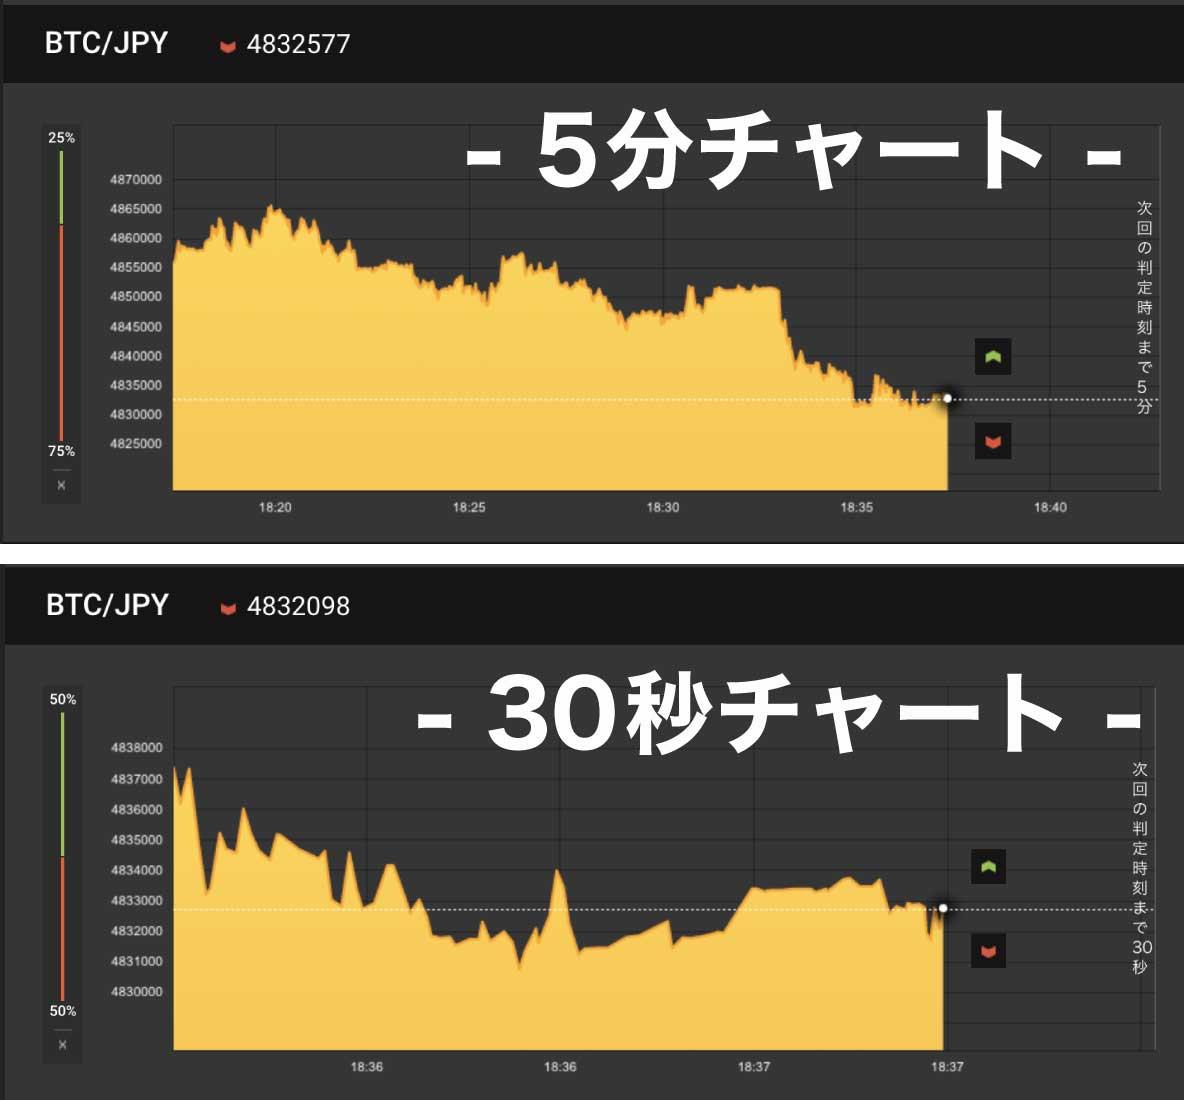 5分取引と30秒取引のチャートを比較し、30秒のほうがノイズが多いことを示す画像